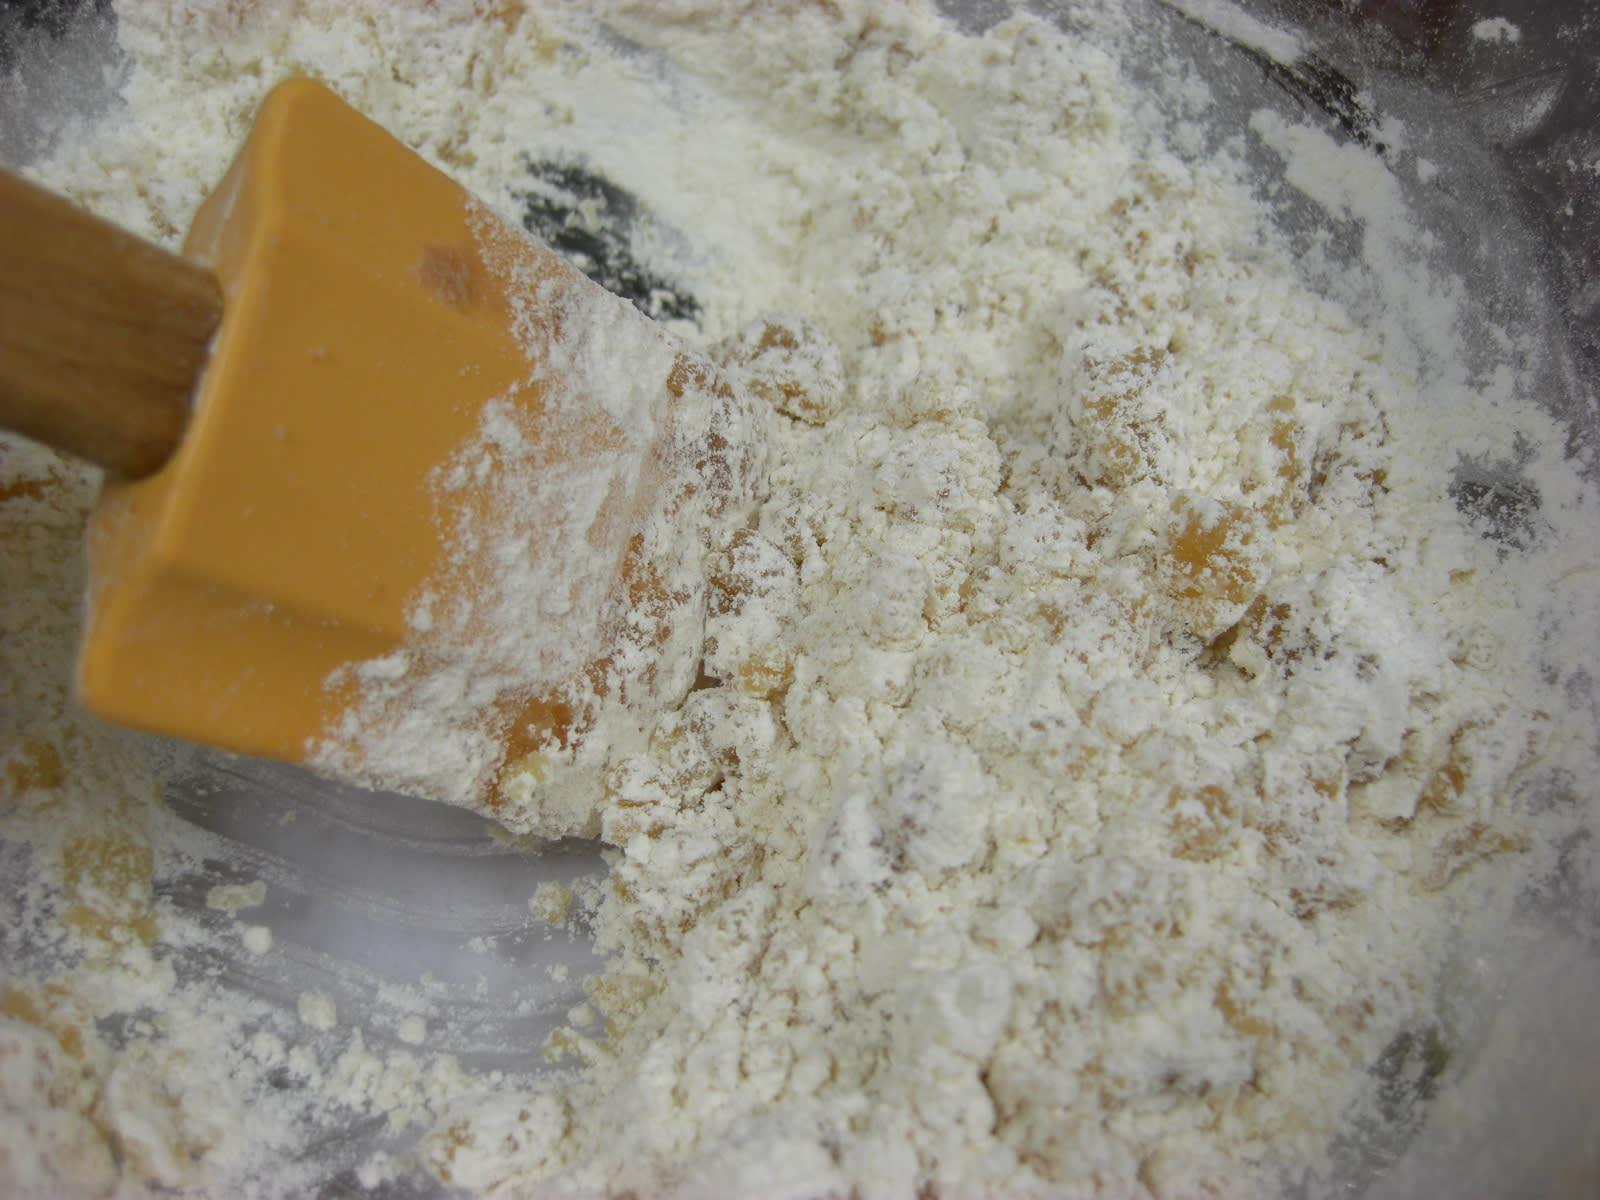 続・簡単クッキーと、虫記事よ ... : 小麦粉遊び : すべての講義